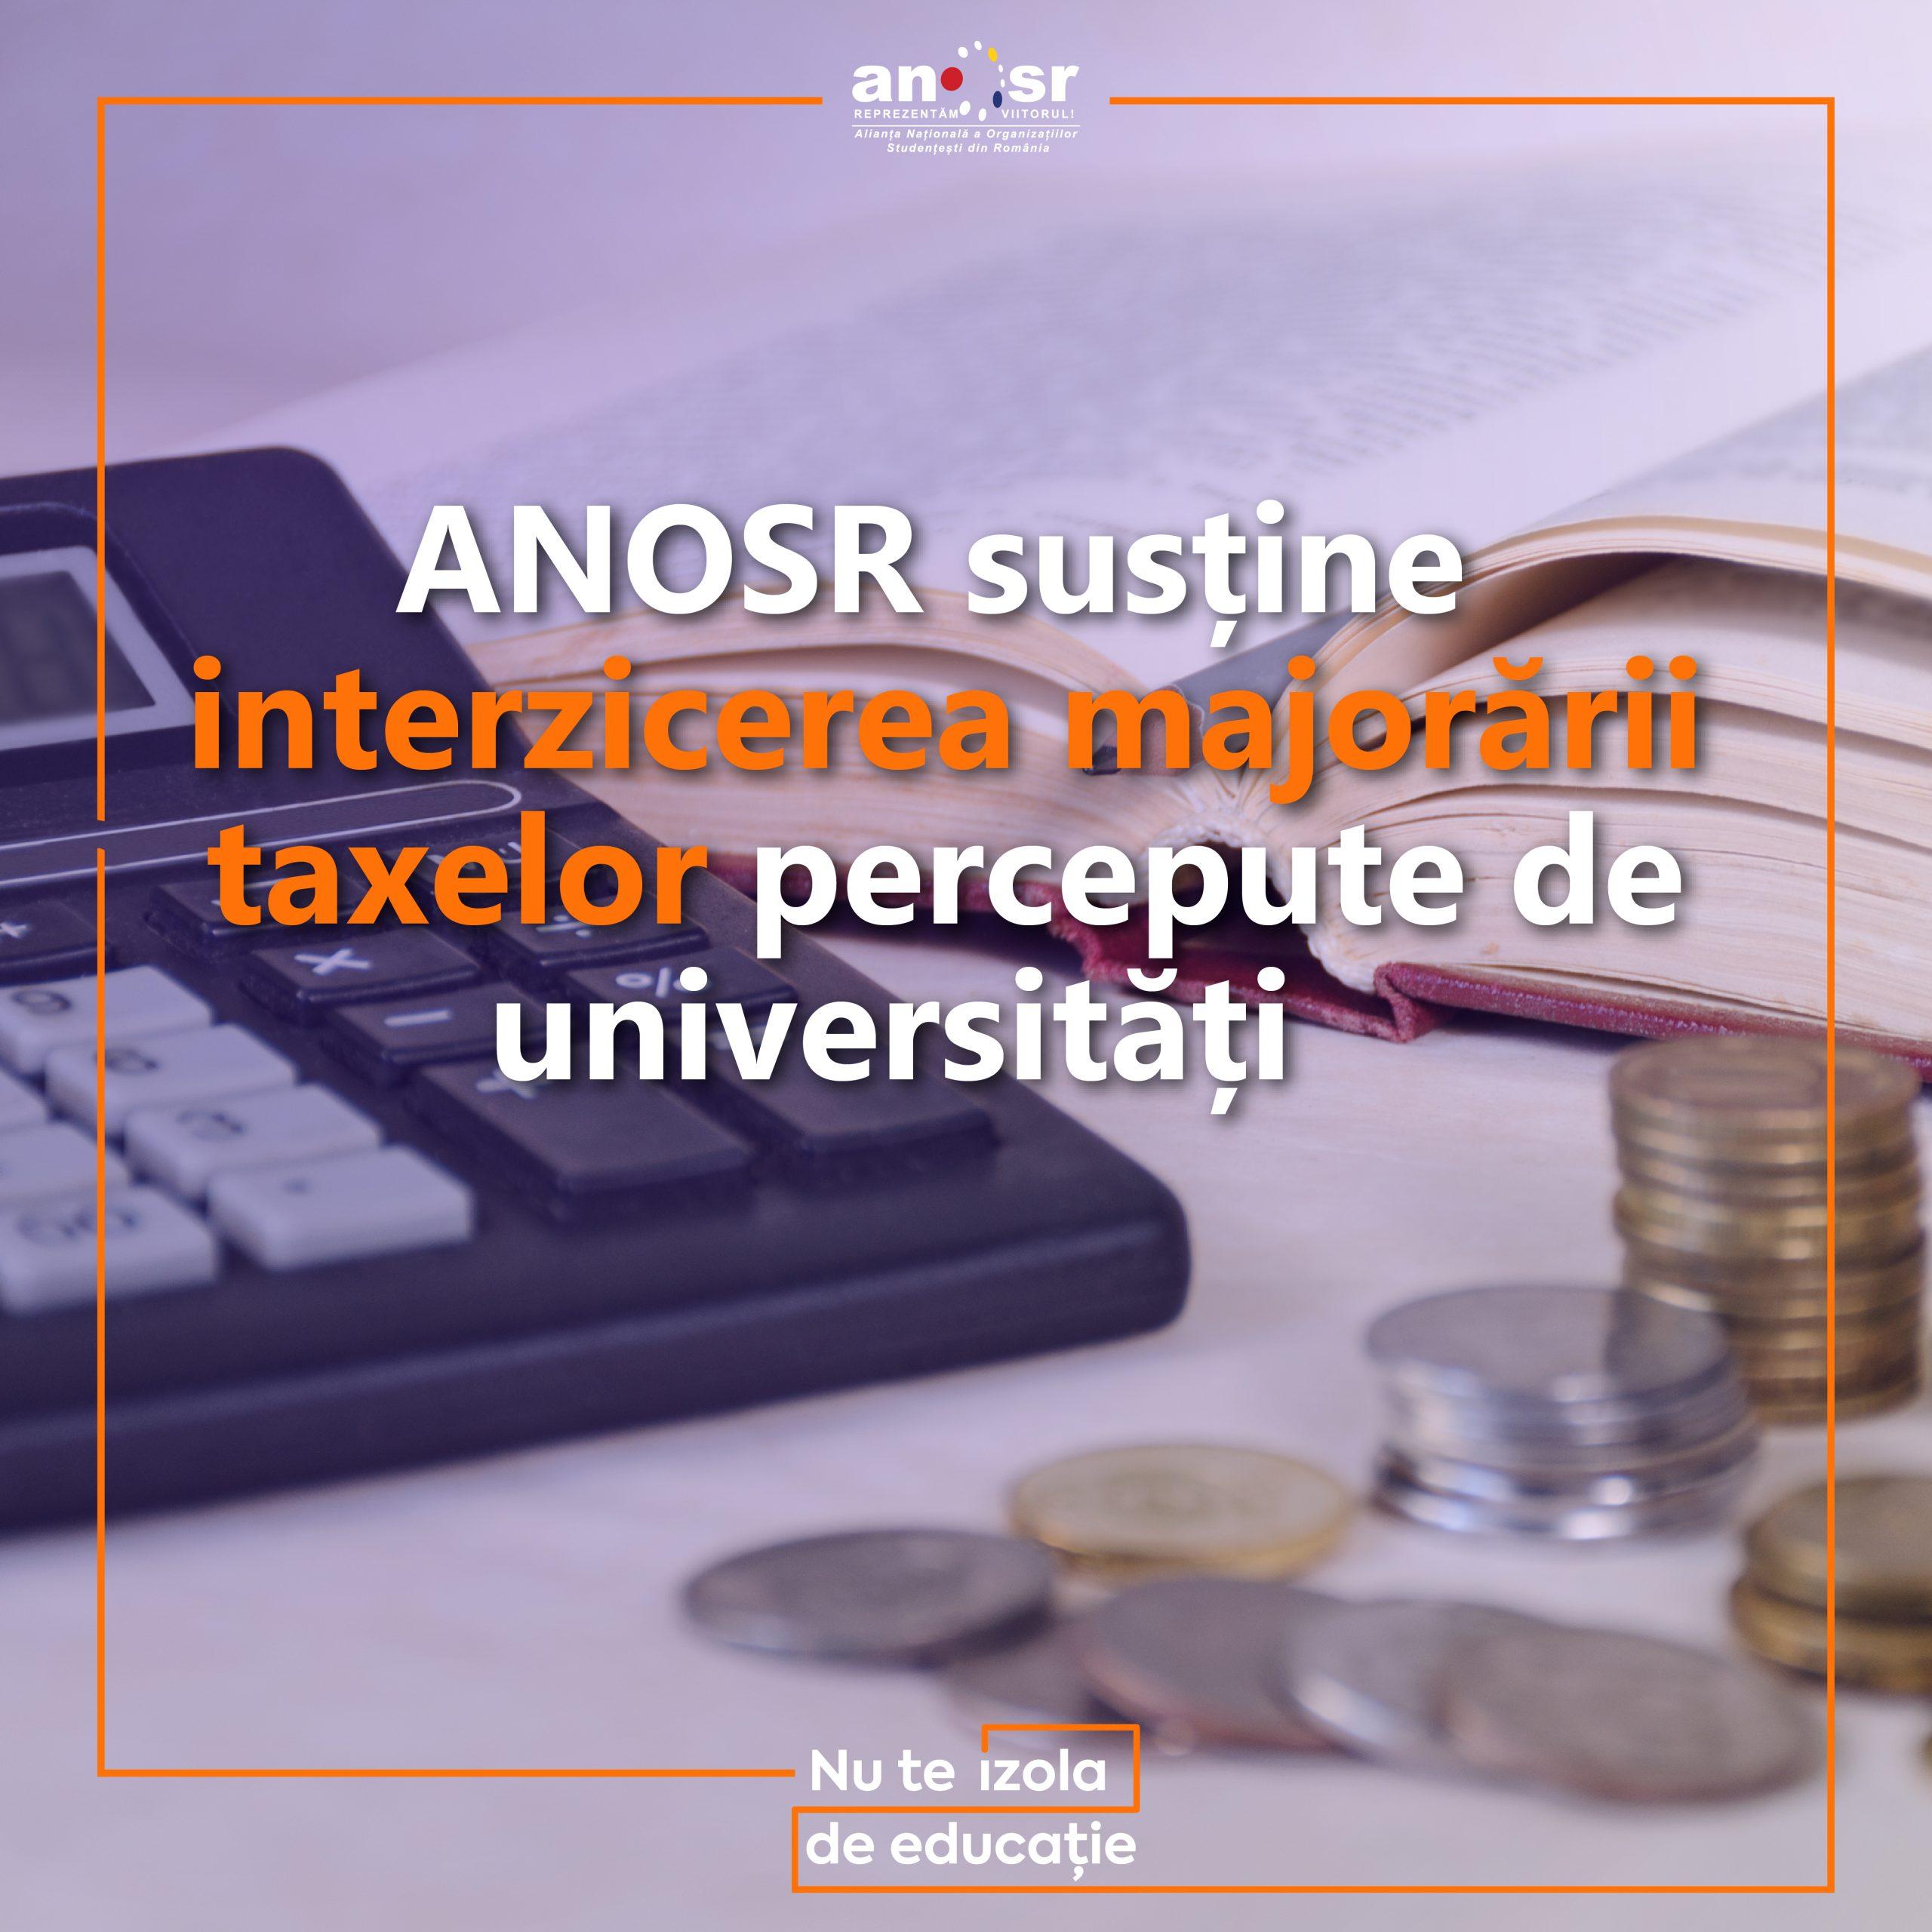 ANOSR susține interzicerea majorării taxelor percepute de universități